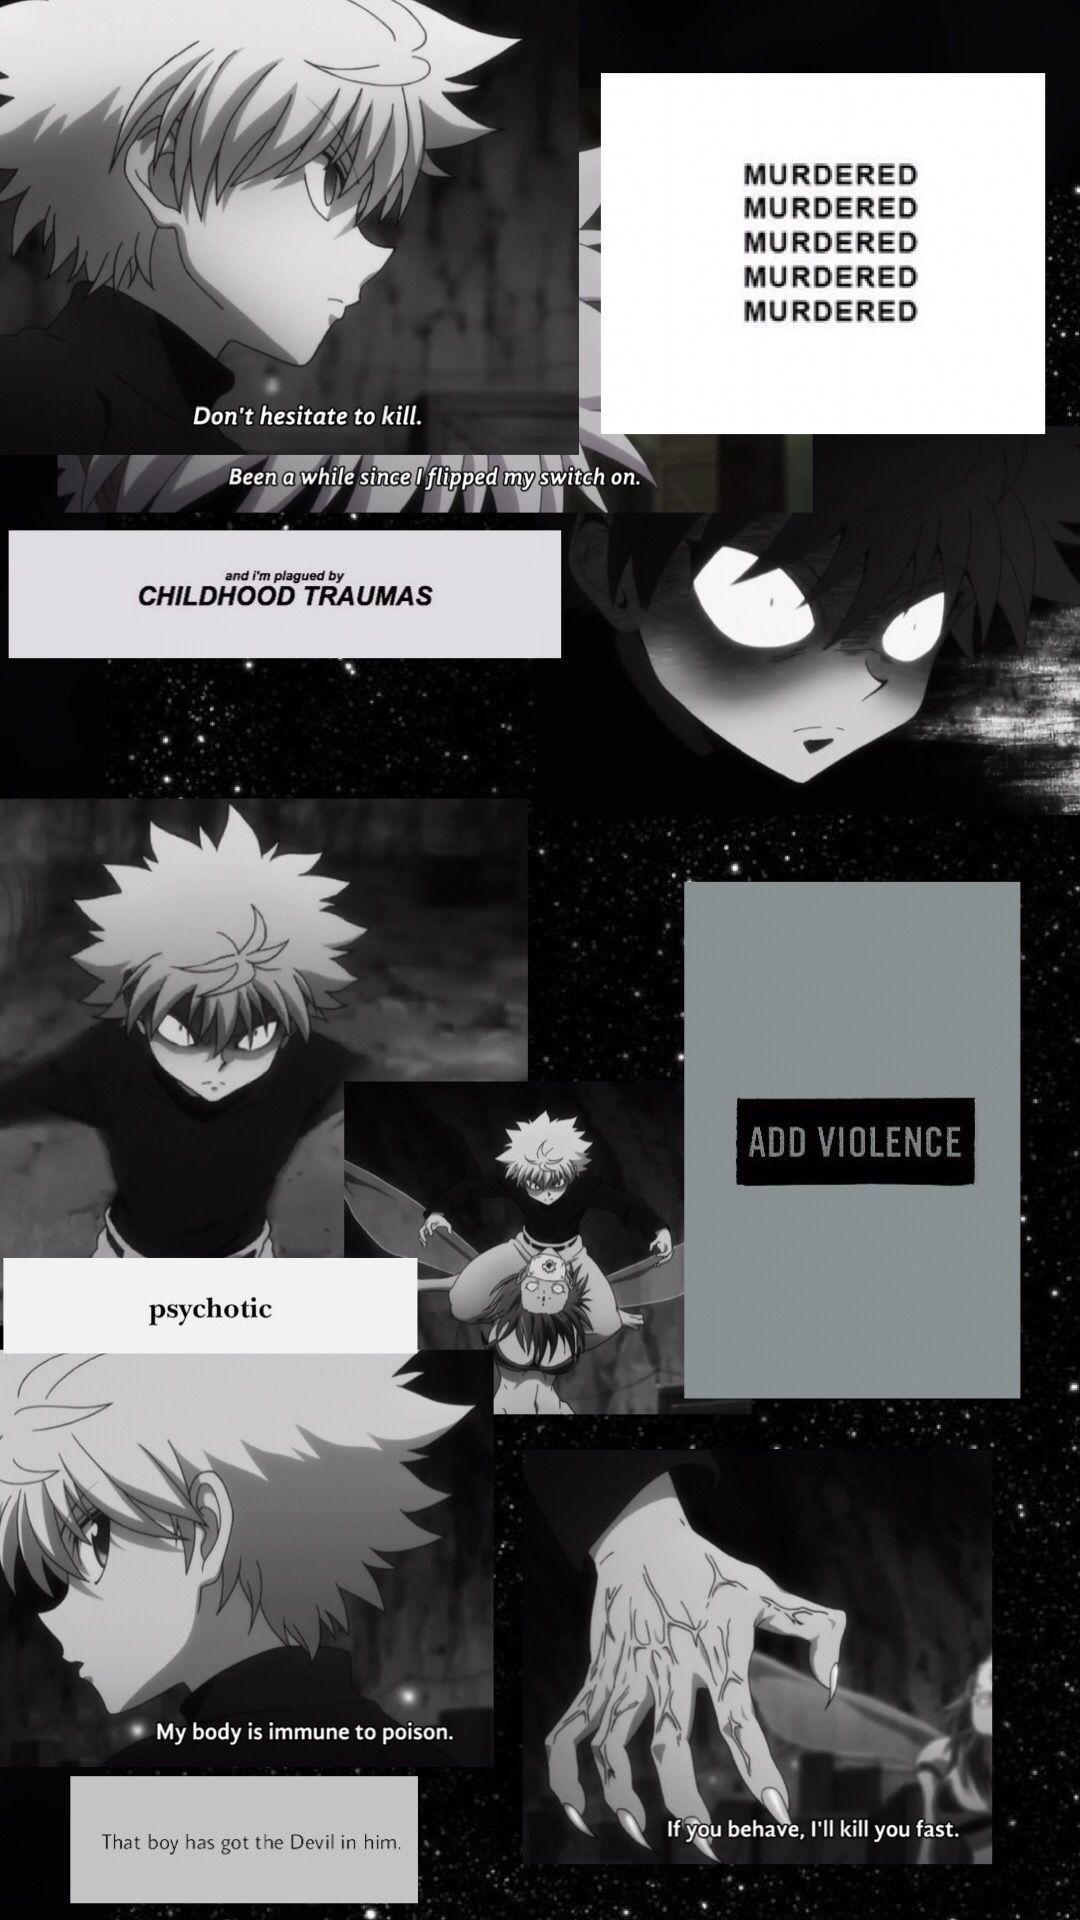 kullia zoldyck anime artwork wallpaper x